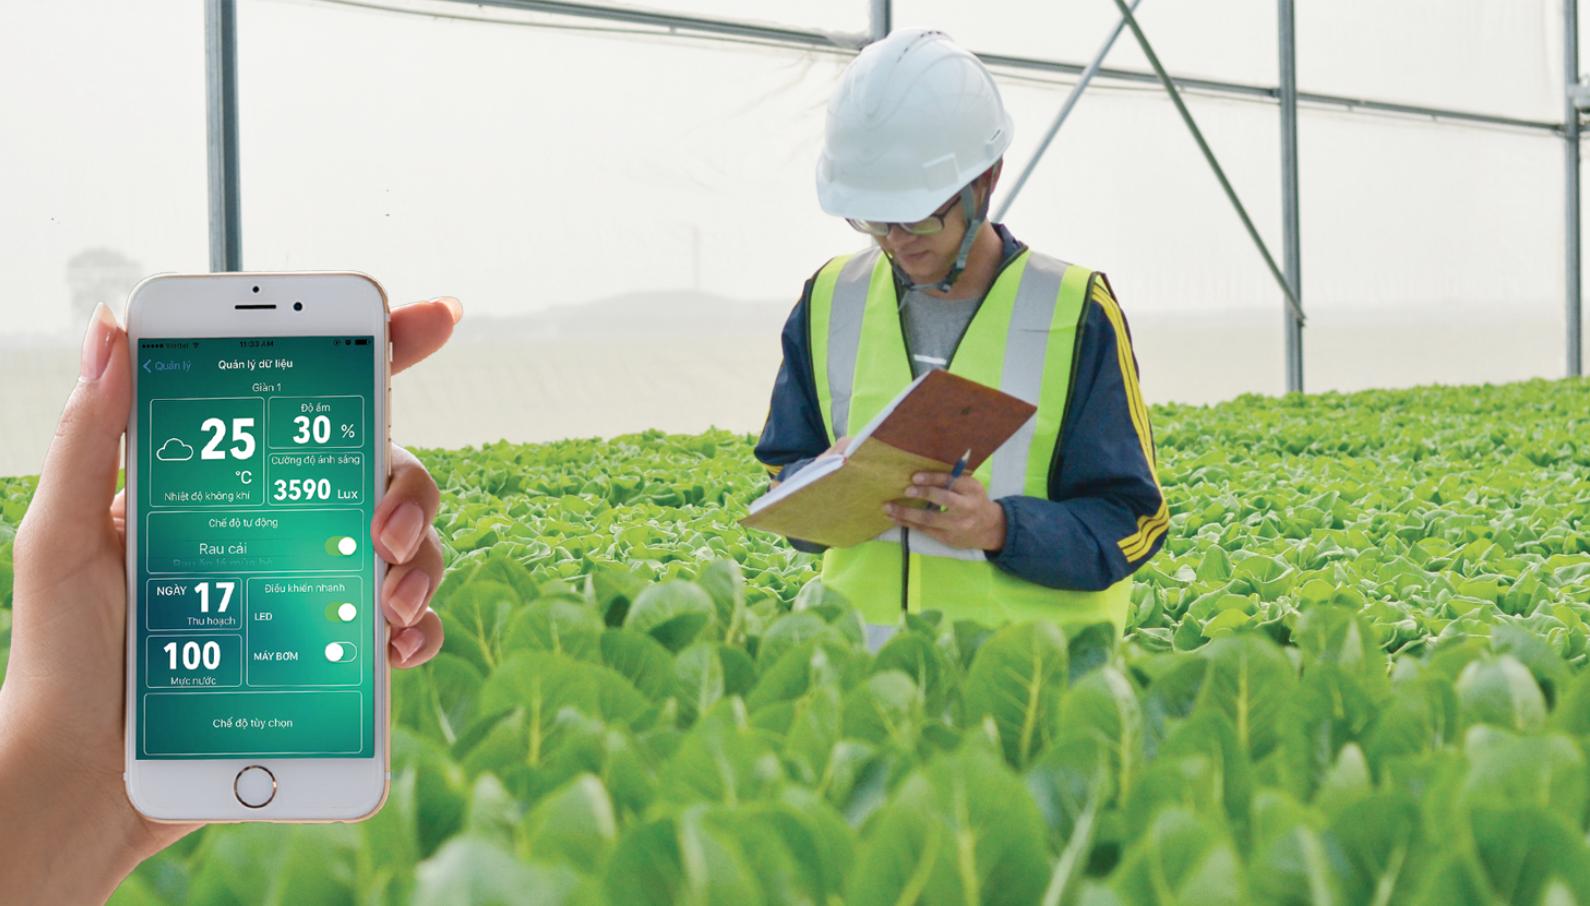 Công ty cổ phần công nghệ cao Hachi Việt Nam, tiền thân là dự án Startup Hachi – Nông nghiệp thông minh, được thành lập với sự đầu tư và hỗ trợ từ Quỹ Việt Nam Silicon Valley – Bộ Khoa Học và Công Nghệ. Ảnh: hachi